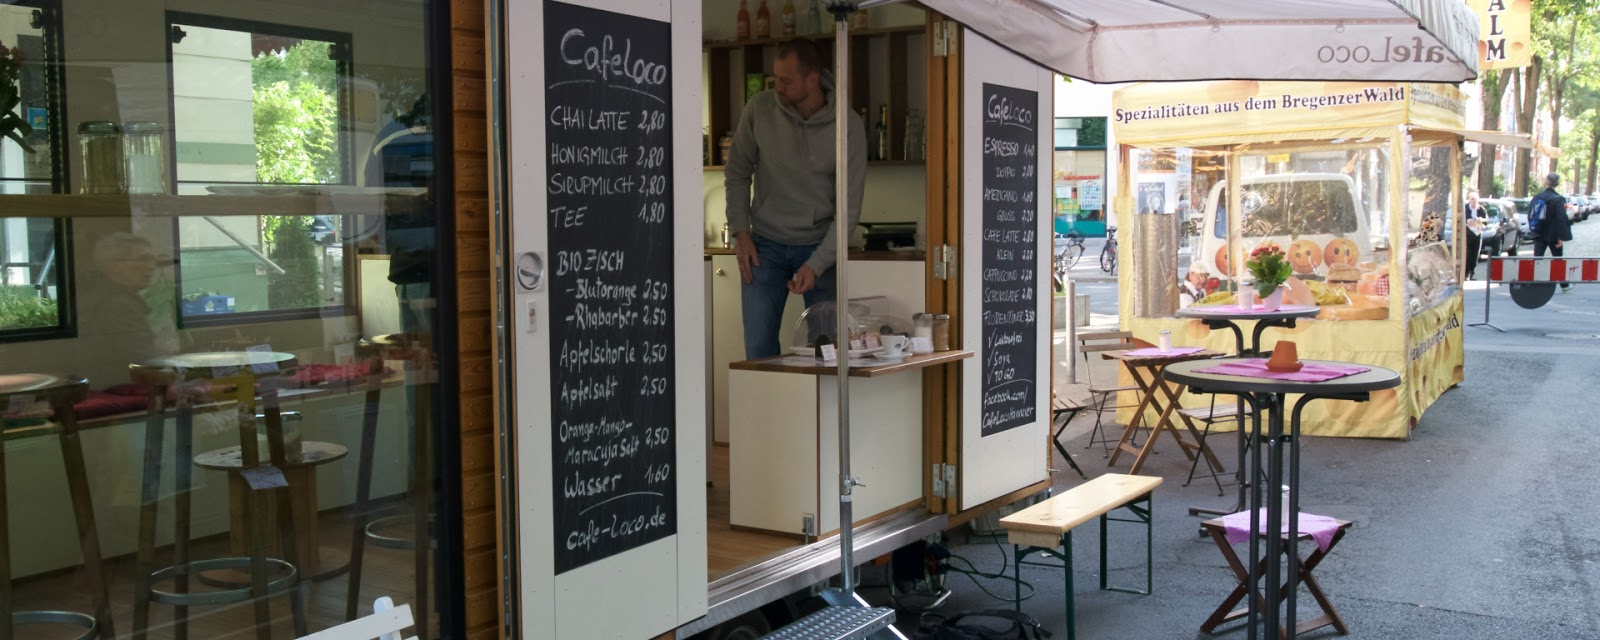 Cafe Wohnzimmer Bnbnews.co